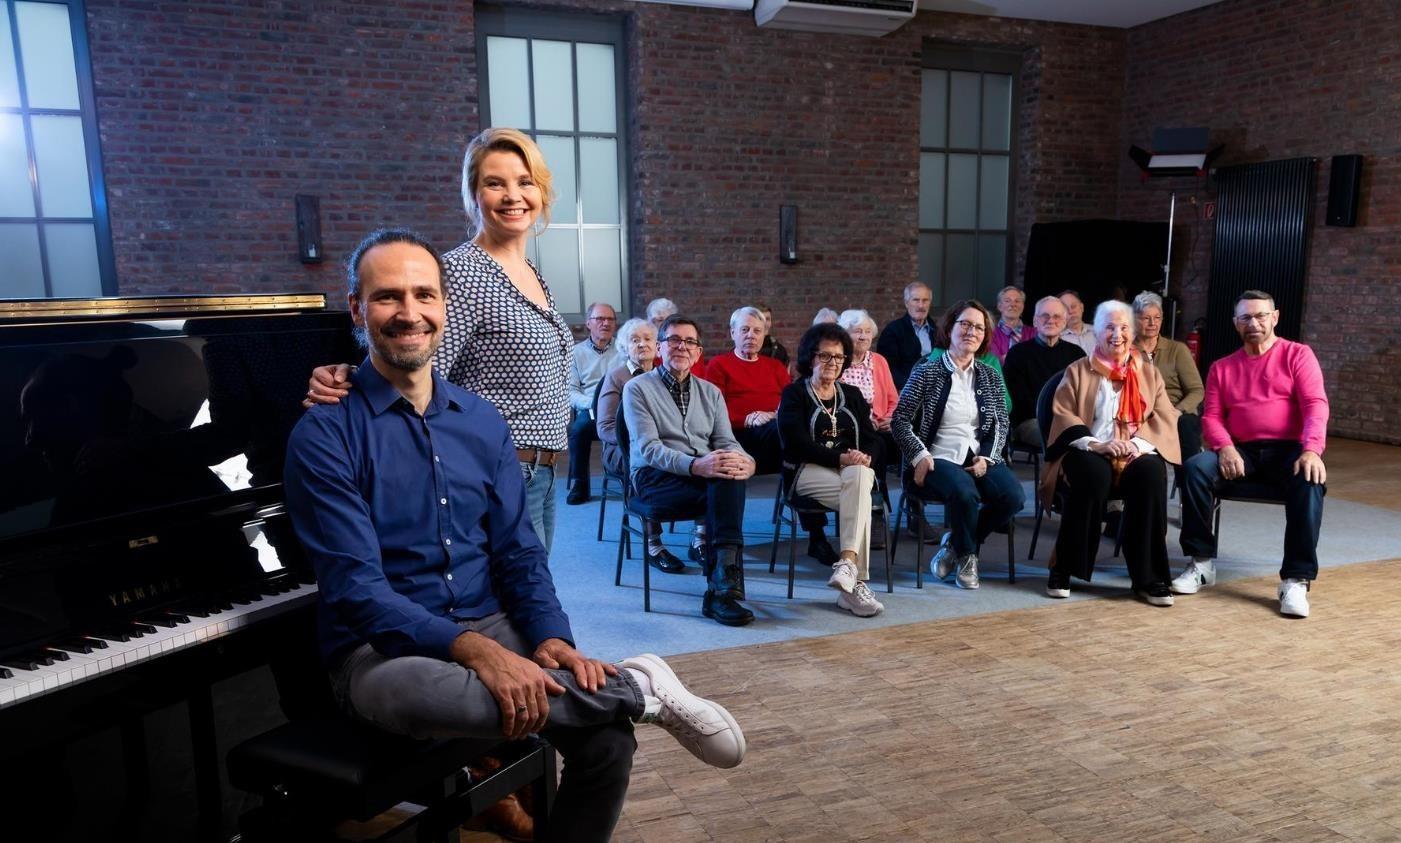 Schauspielerin Annette Frier und Musiker Eddi Hüneke proben mit dem Chor für Menschen mit Demenz im KastanienHof.